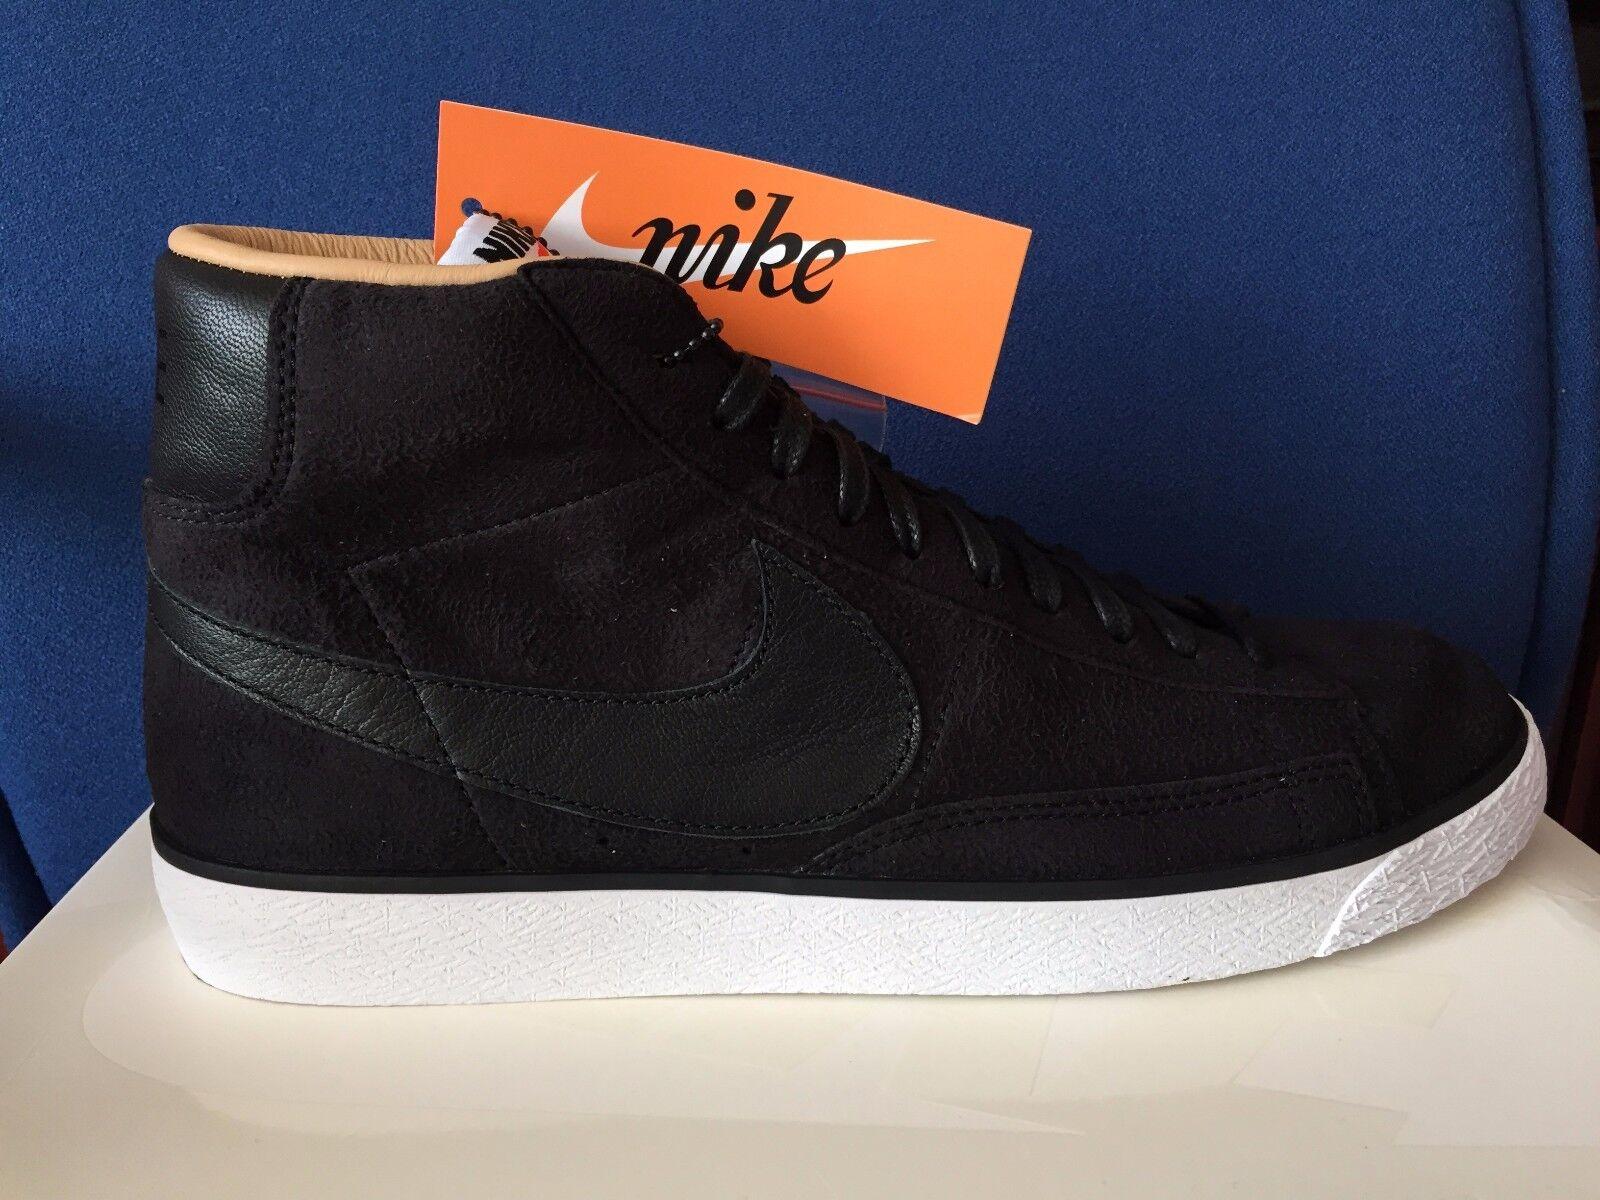 Nike blazer high sp sz 9,5 - schwarz garcons - weiße comme des garcons schwarz cdg japan sophie mowax 7b6982